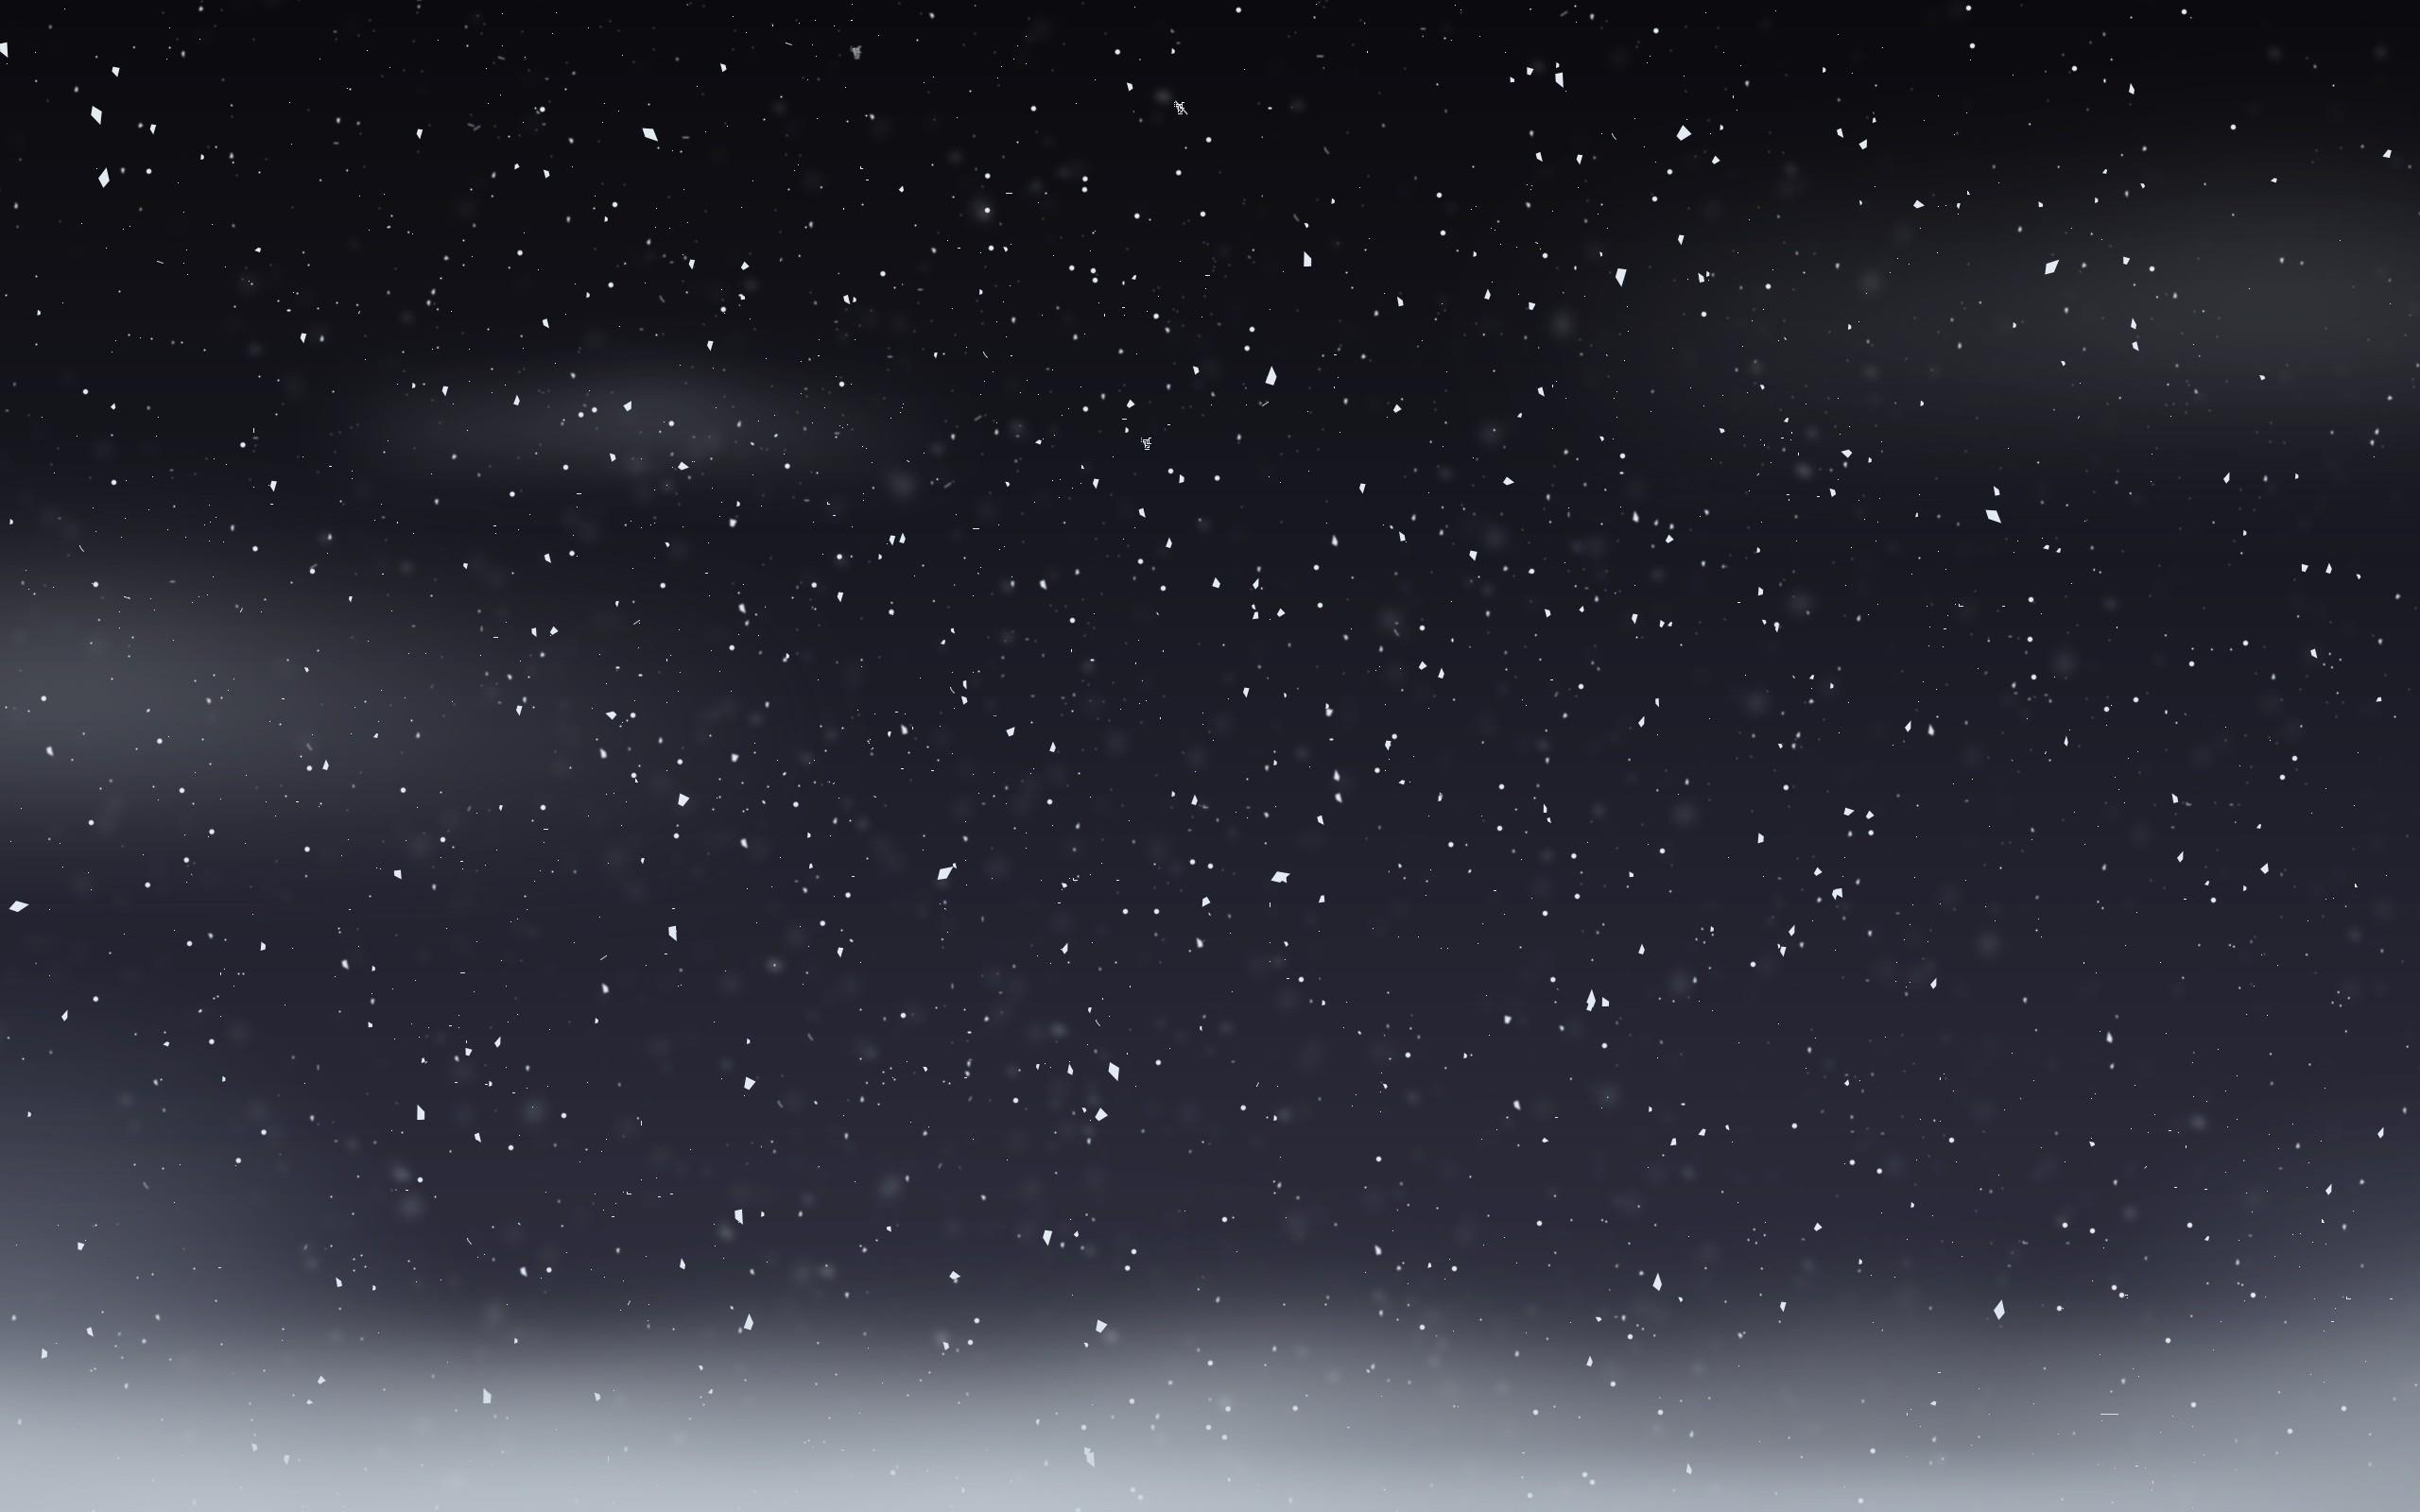 Snowy Night wallpapers | Snowy Night stock photos